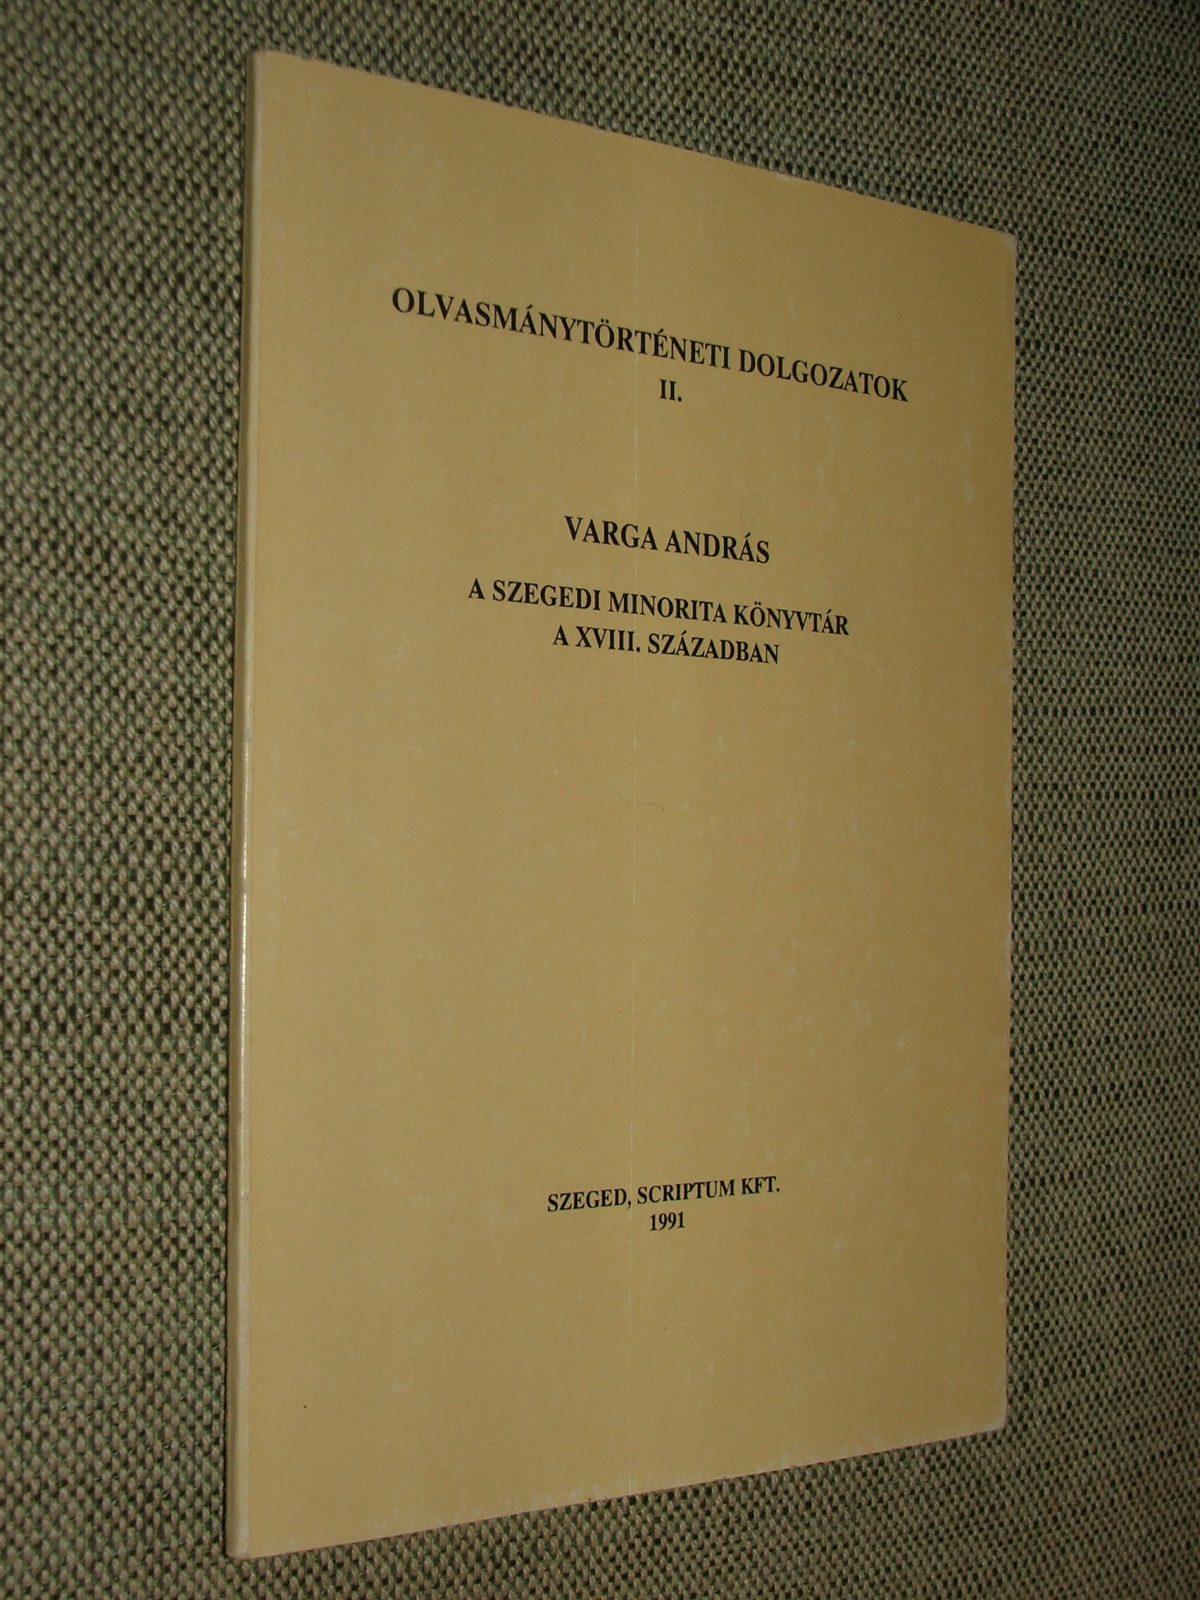 VARGA András: A szegedi minorita könyvtár a XVIII. században